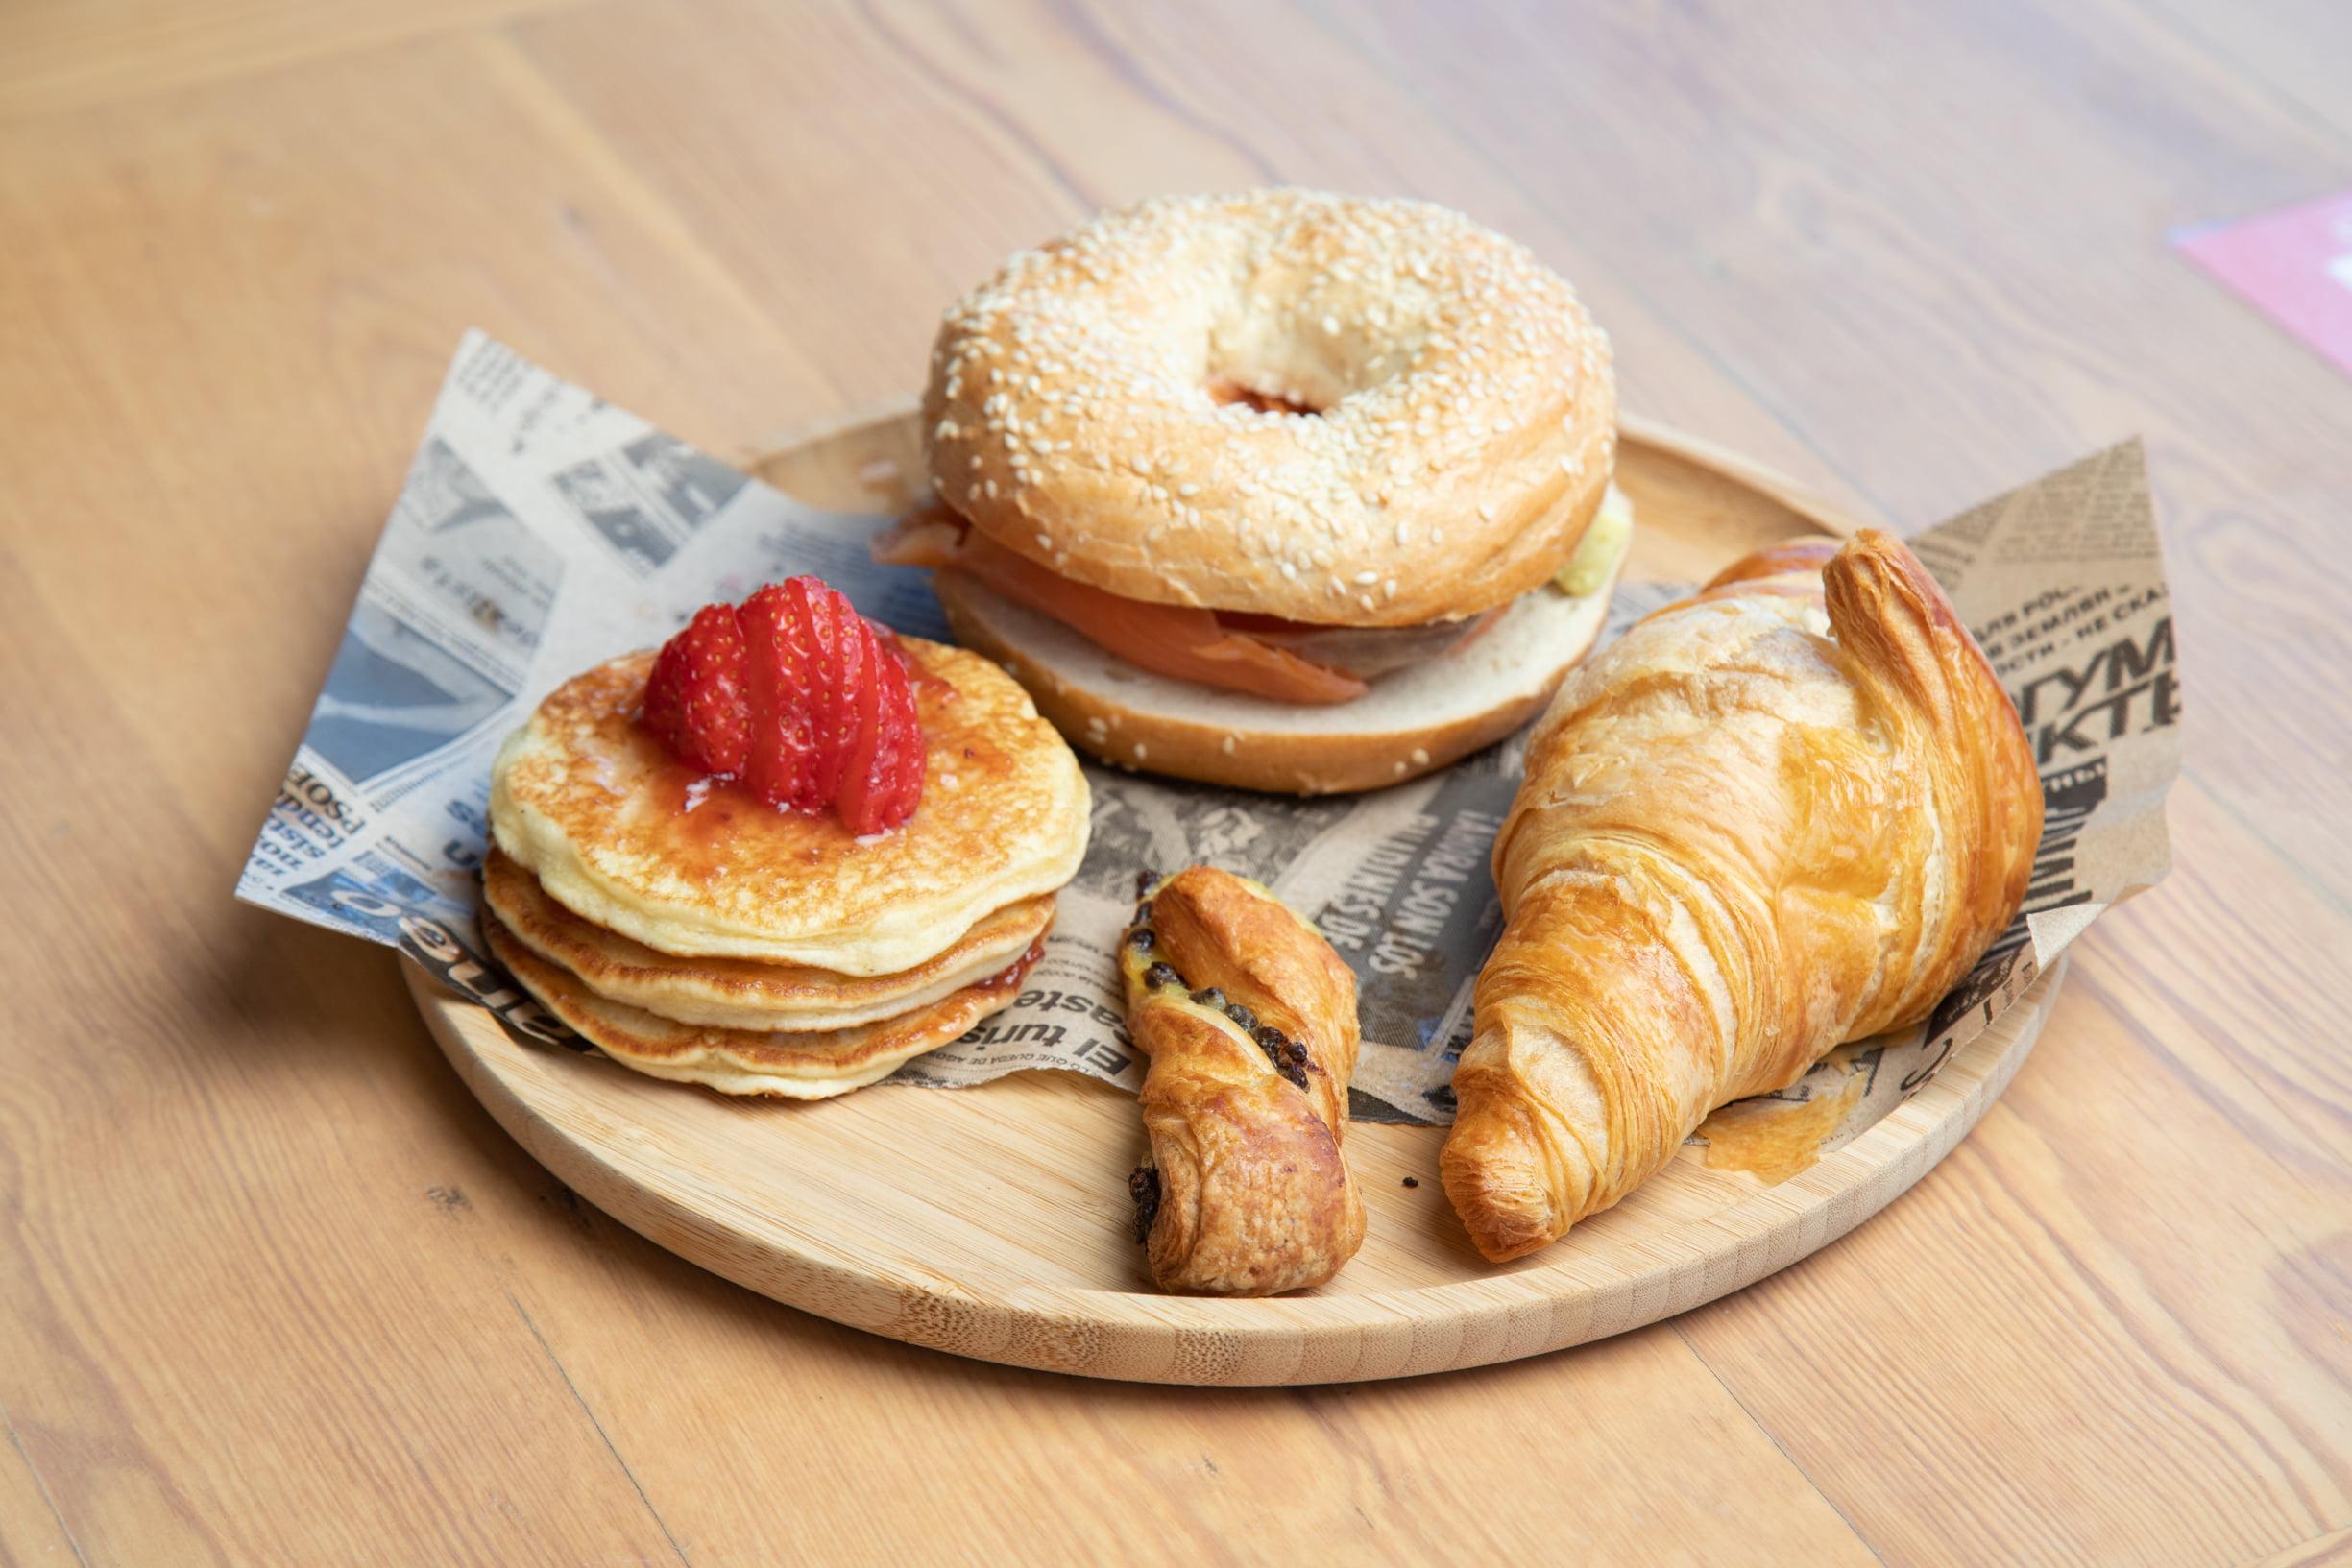 Desayunos especiales a domicilio en Jávea y Moraira – Restaurante Ammos